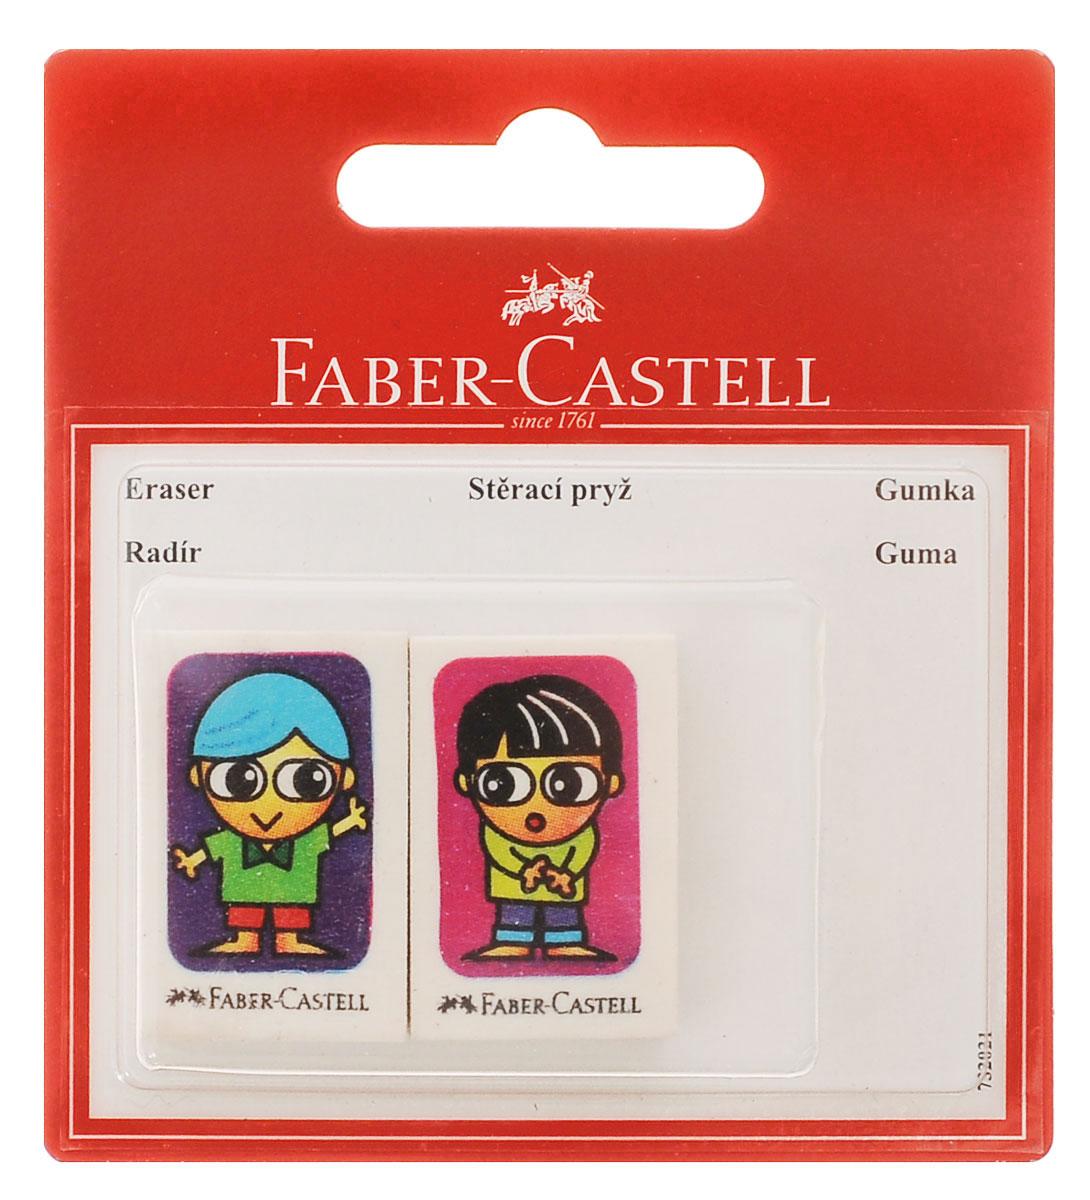 Faber-Castell Ластик Друзья 2 шт263311Ластик Faber-Castell Друзья с изображением двух друзей, по одному на каждом ластике, не содержит ПВХ, пригоден для графитных простых и цветных карандашей. Размеры ластика: 3,5 см х 2,2 см х 0,5 см. В комплекте 2 ластика.УВАЖАЕМЫЕ КЛИЕНТЫ!Обращаем ваше внимание на тот факт, что комплектация может отличаться от представленной на фото и зависит от наличия на складе.